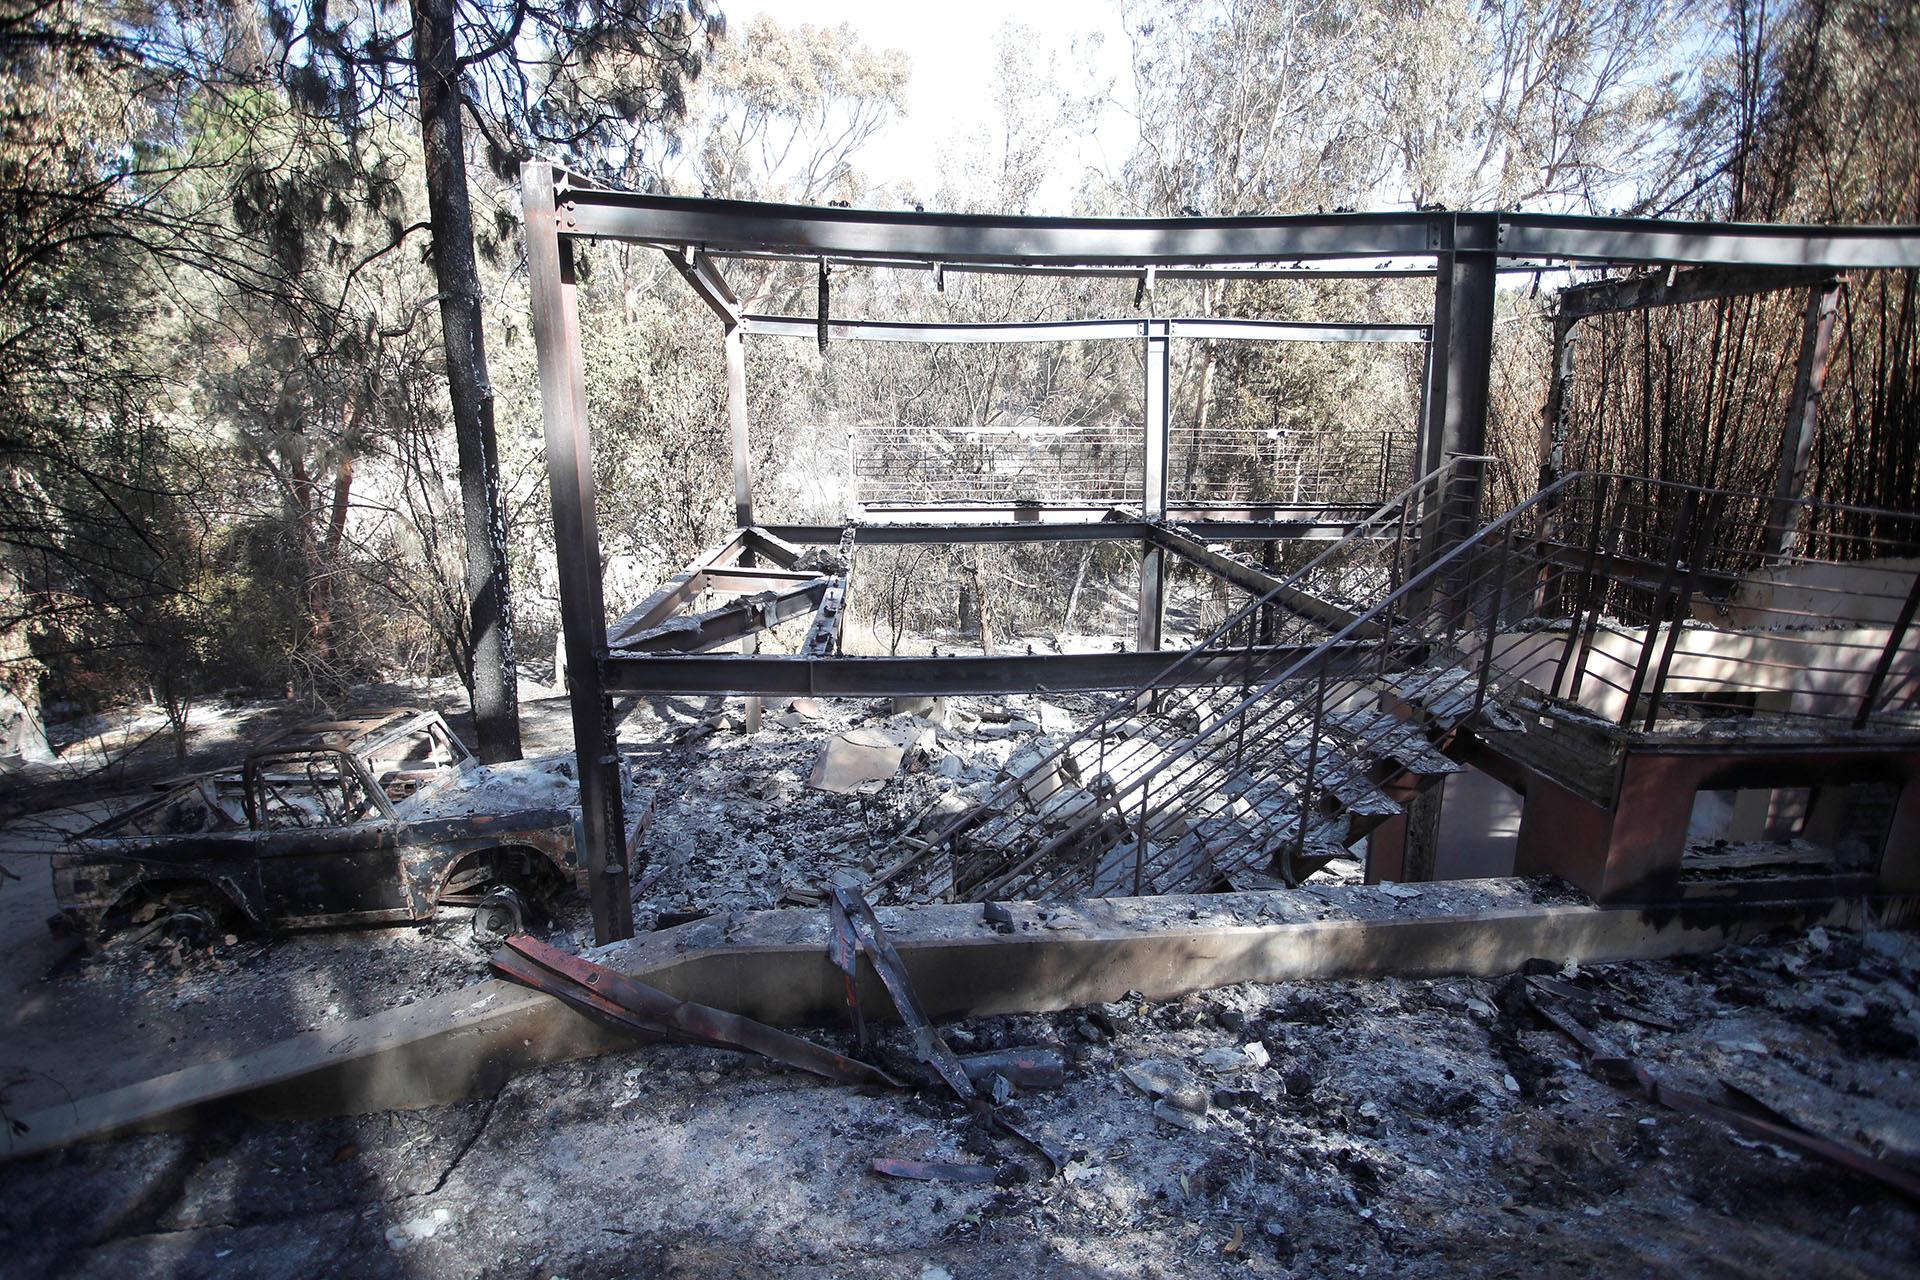 Vista de la casa del actor escocés Gerard Butler hoy, lunes 12 de noviembre de 2018, destruida en el incendio de Woosley en Malibú